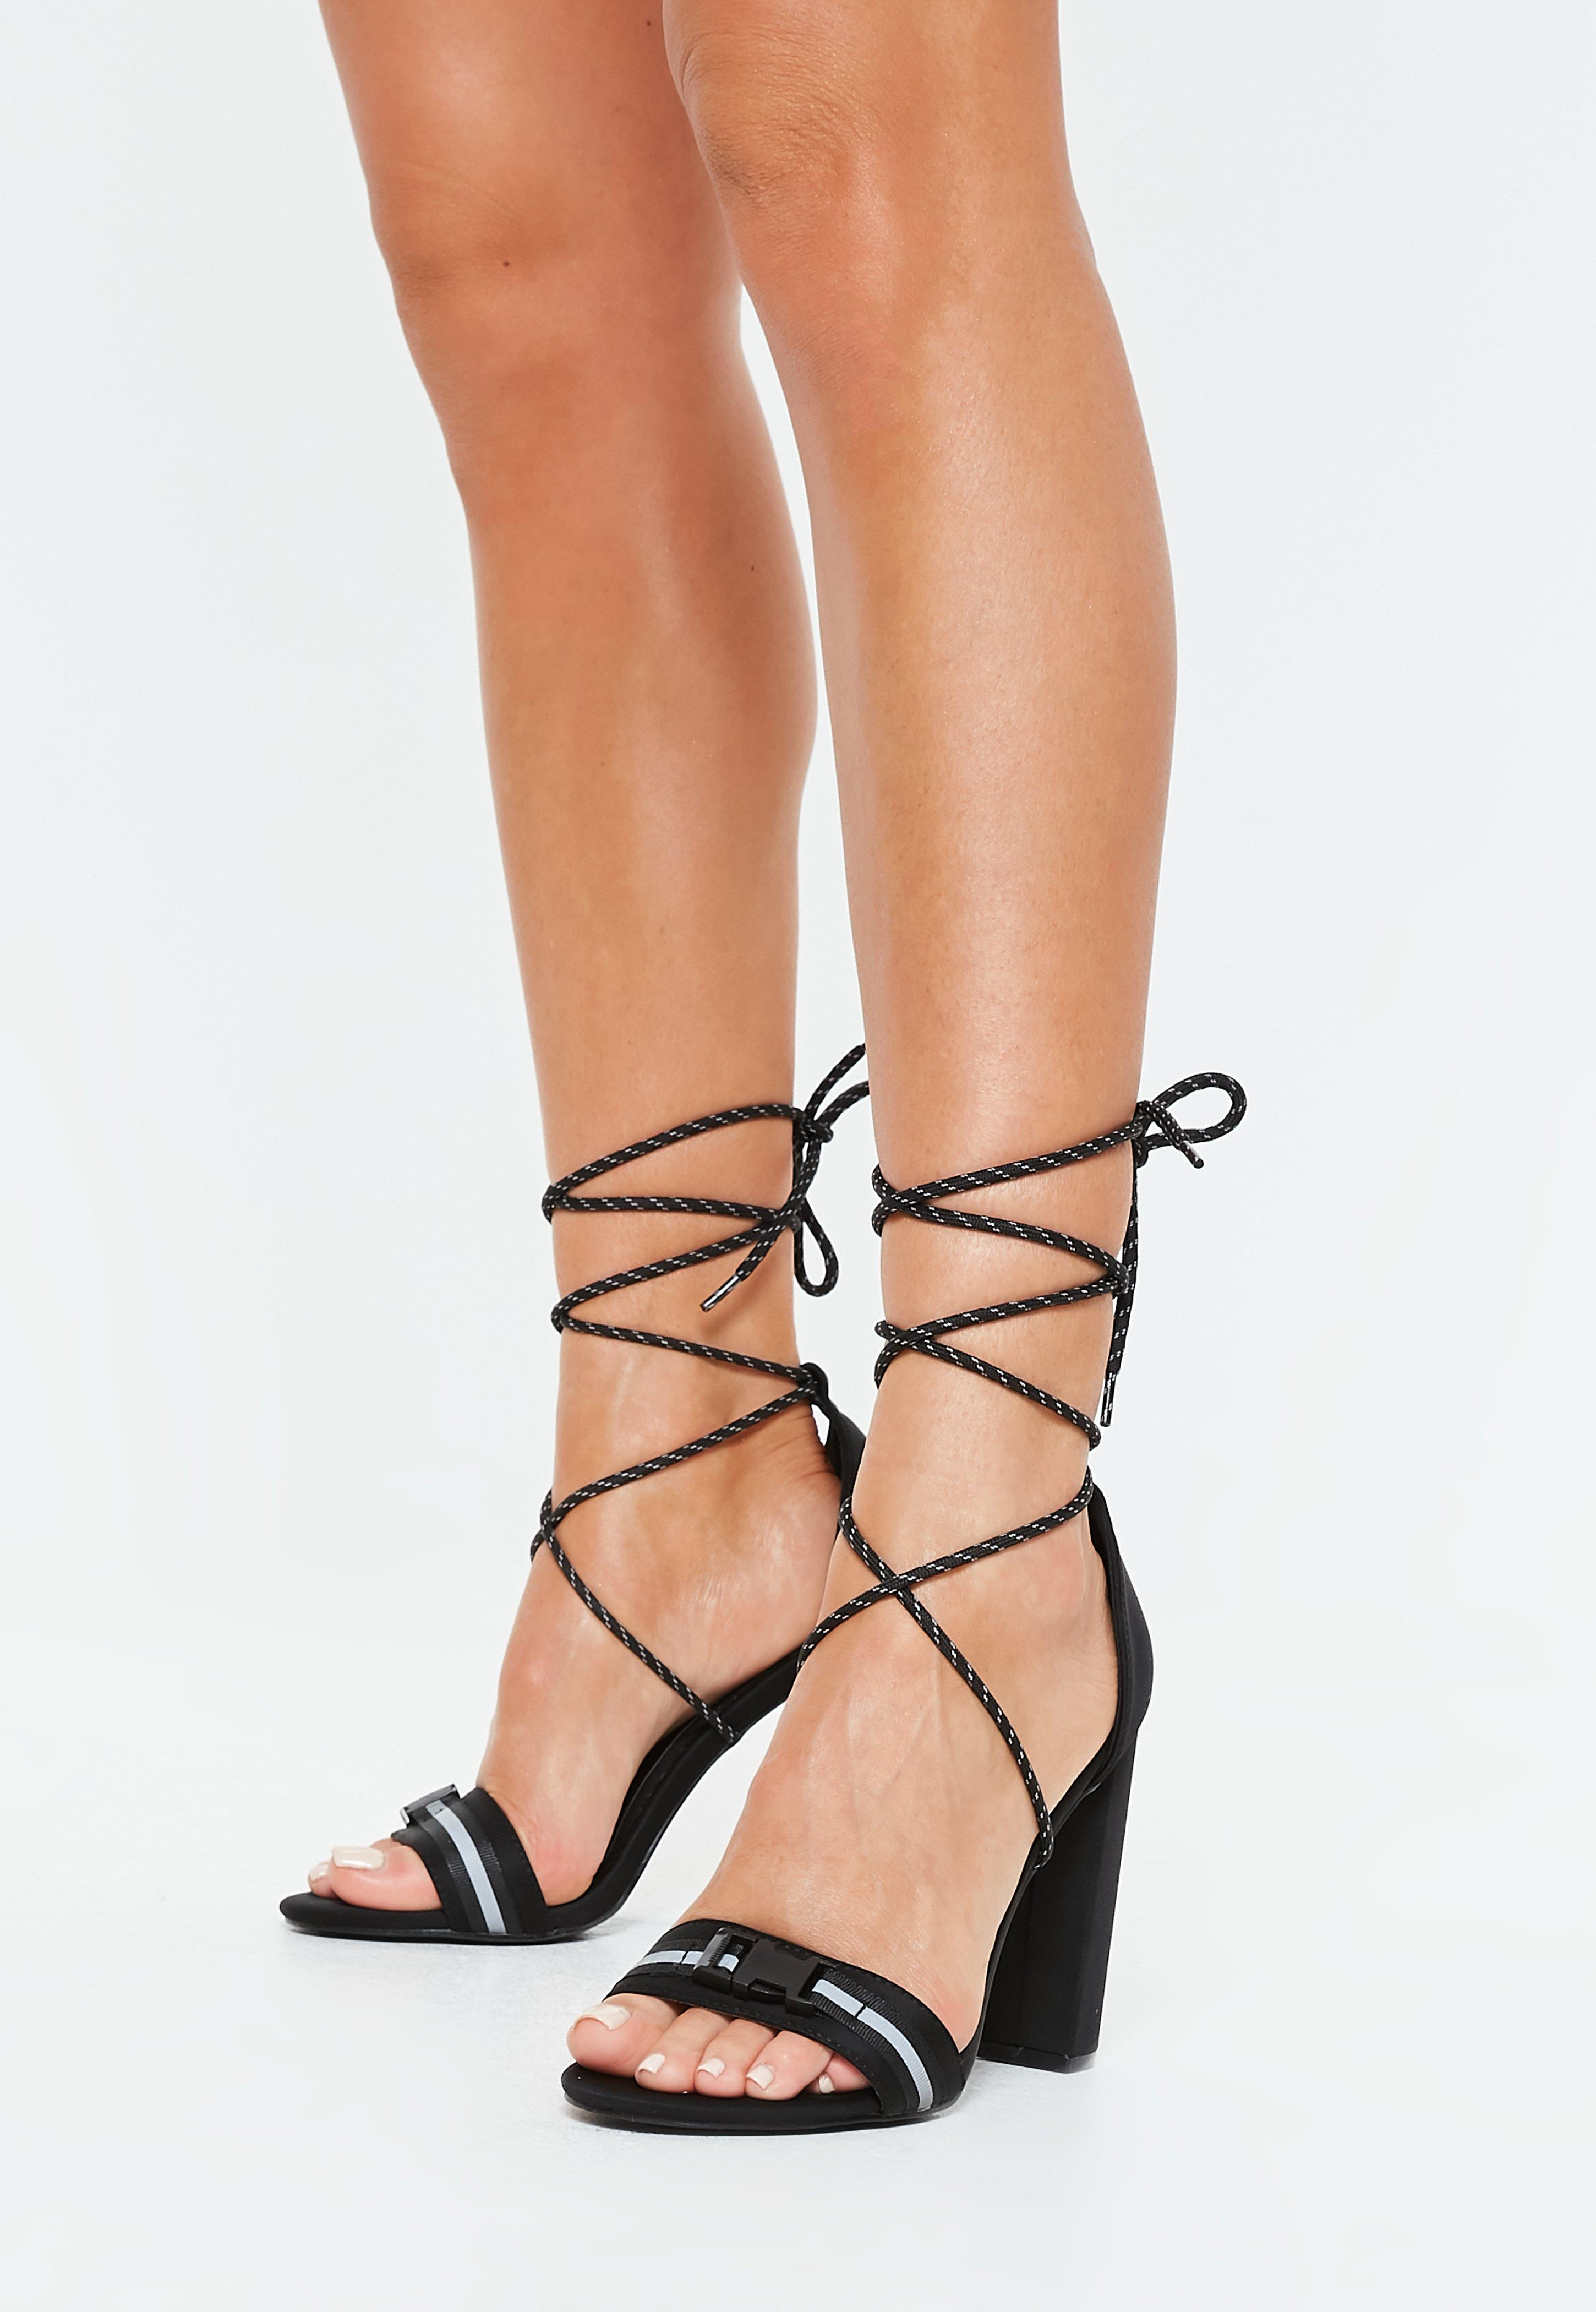 5a58688a822 Black Reflective Strap Block Heel Sandals